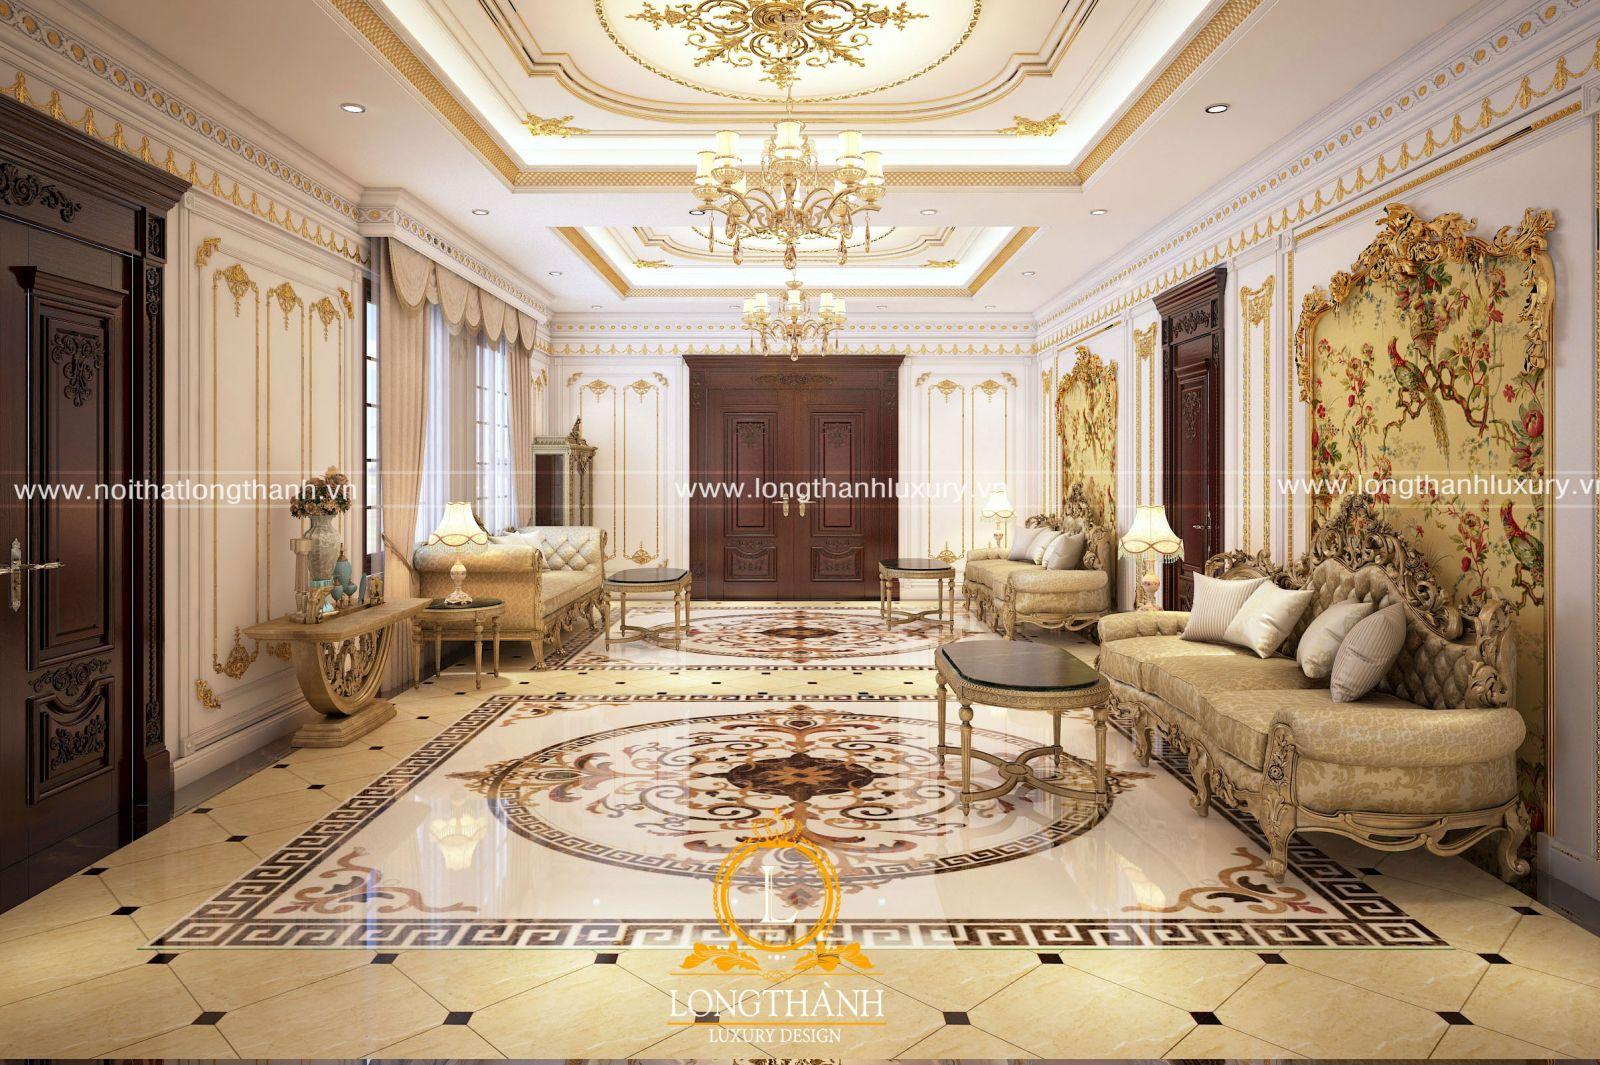 Họa tiết dát vàng là đặc trưng của thiết kế tân cổ điển châu Âu